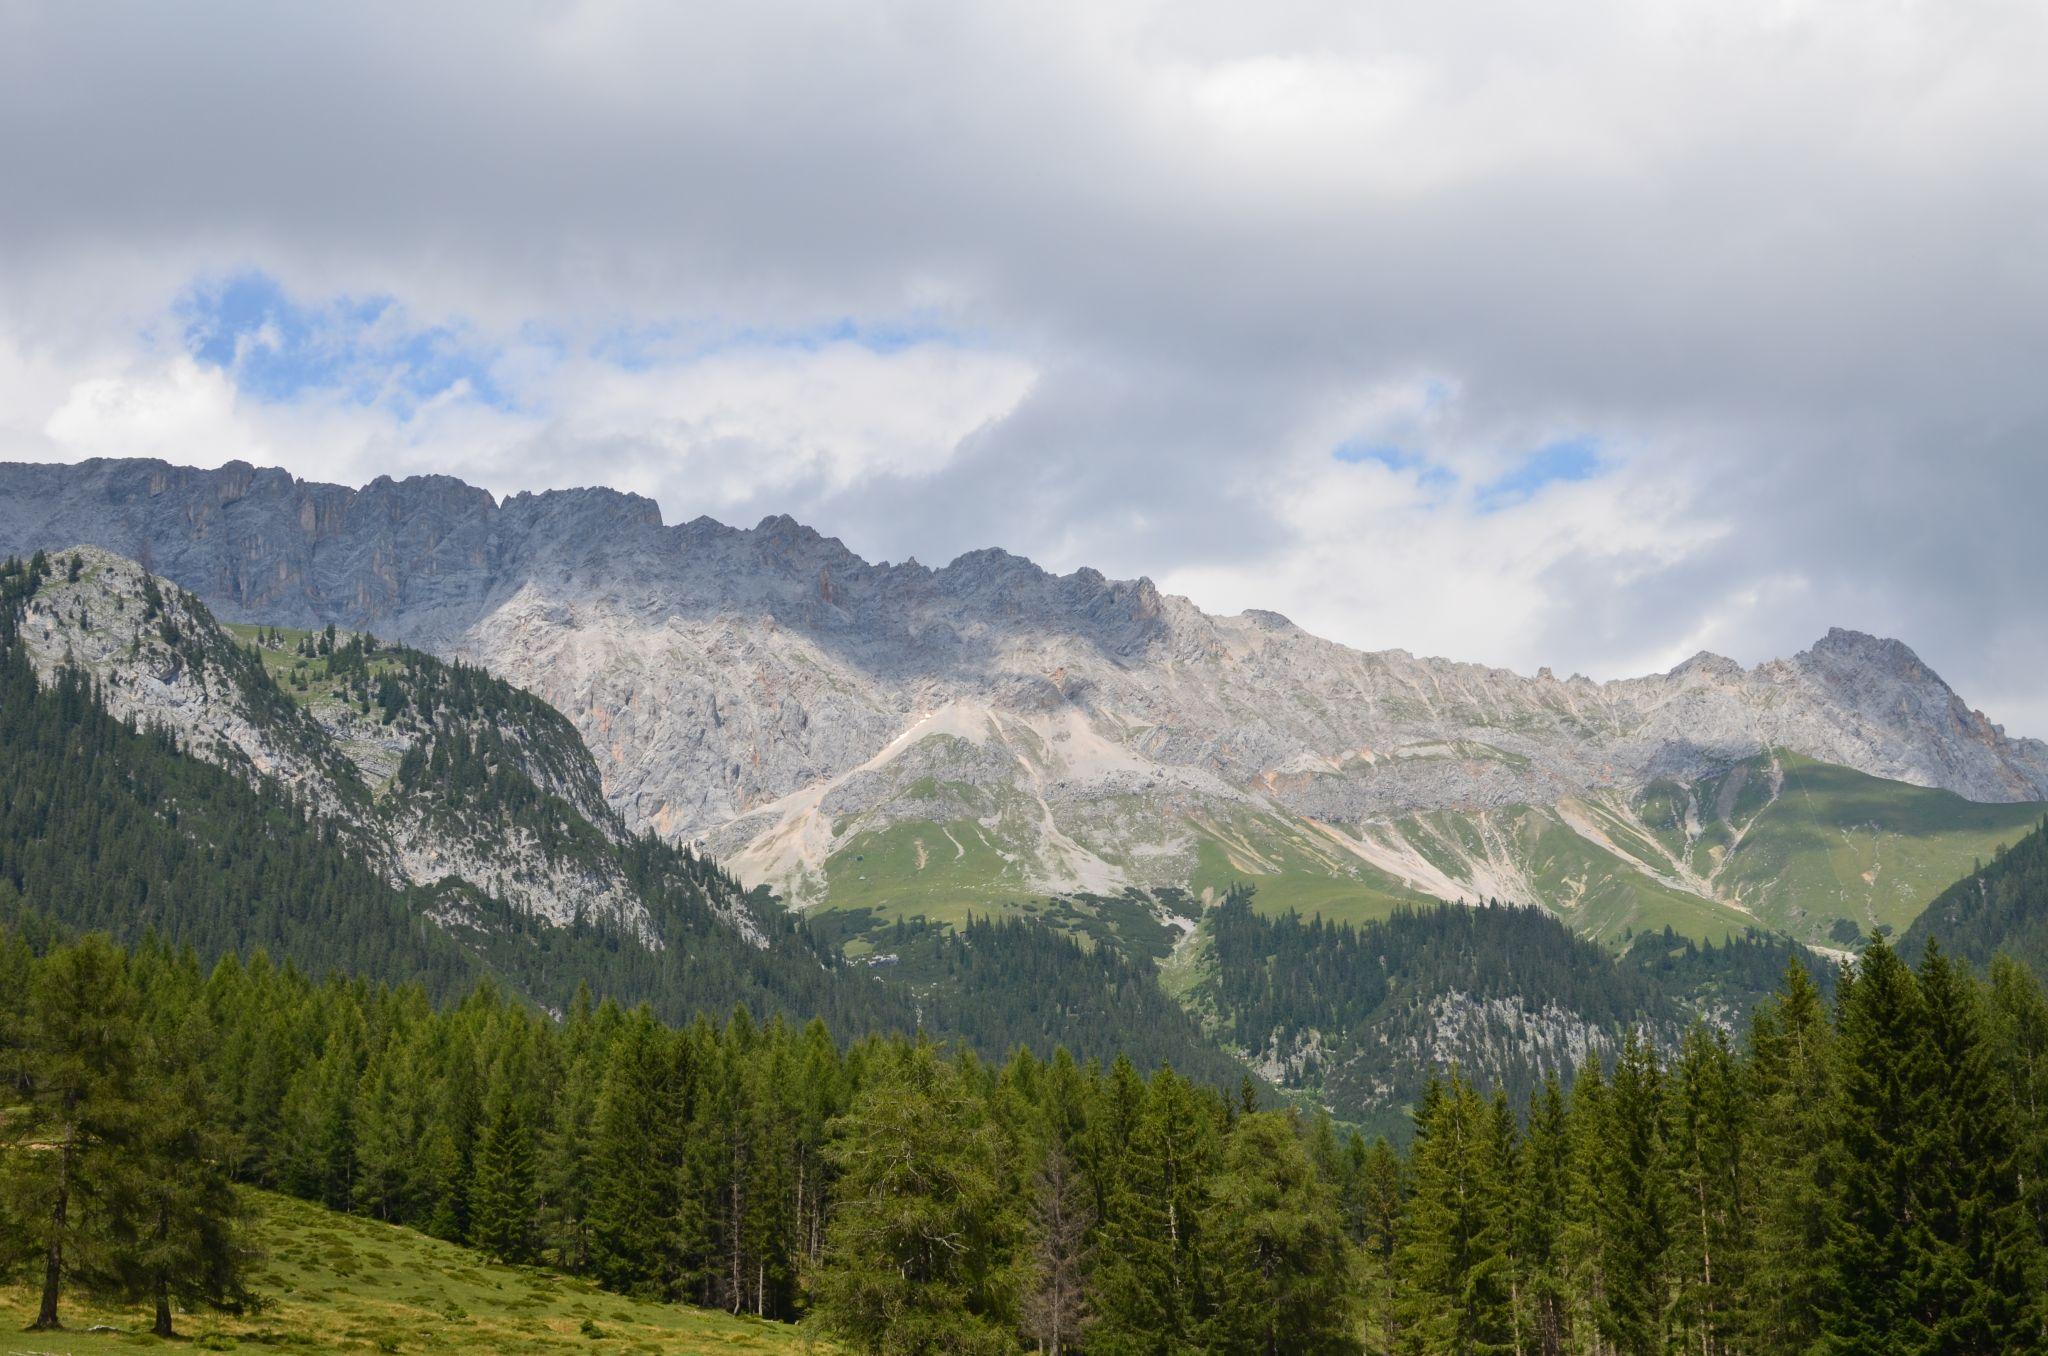 Gaistal_Blick_aufs_Wettersteingebirge_Olympiaregion_Seefeld_(c)_bea_froehlich